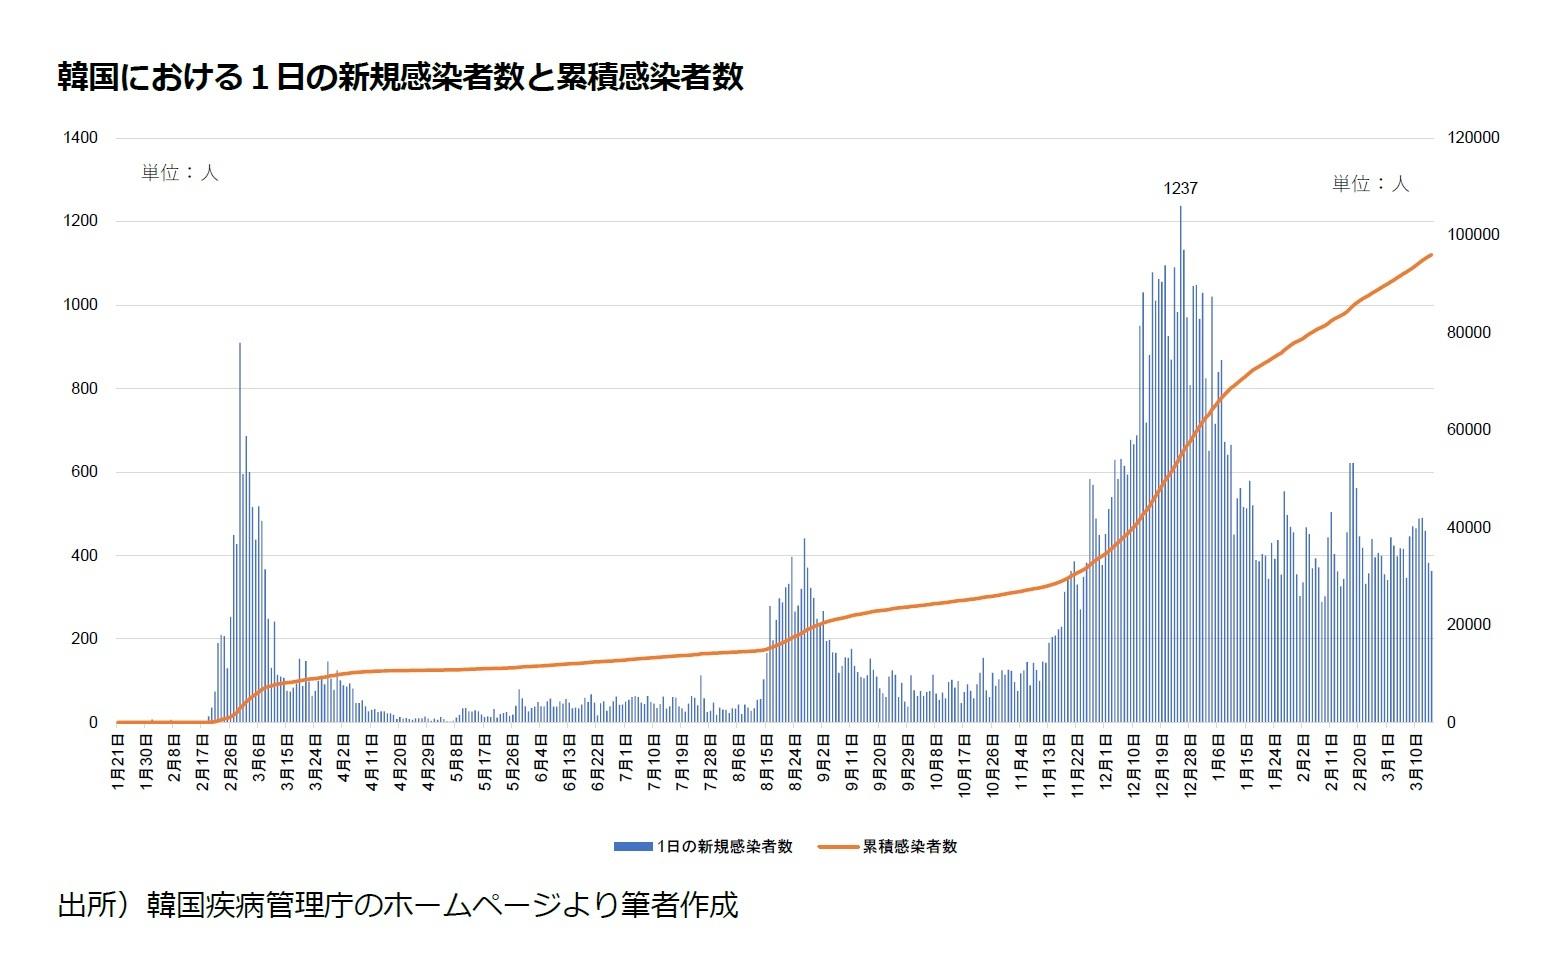 韓国における1日の新規感染者数と累積感染者数